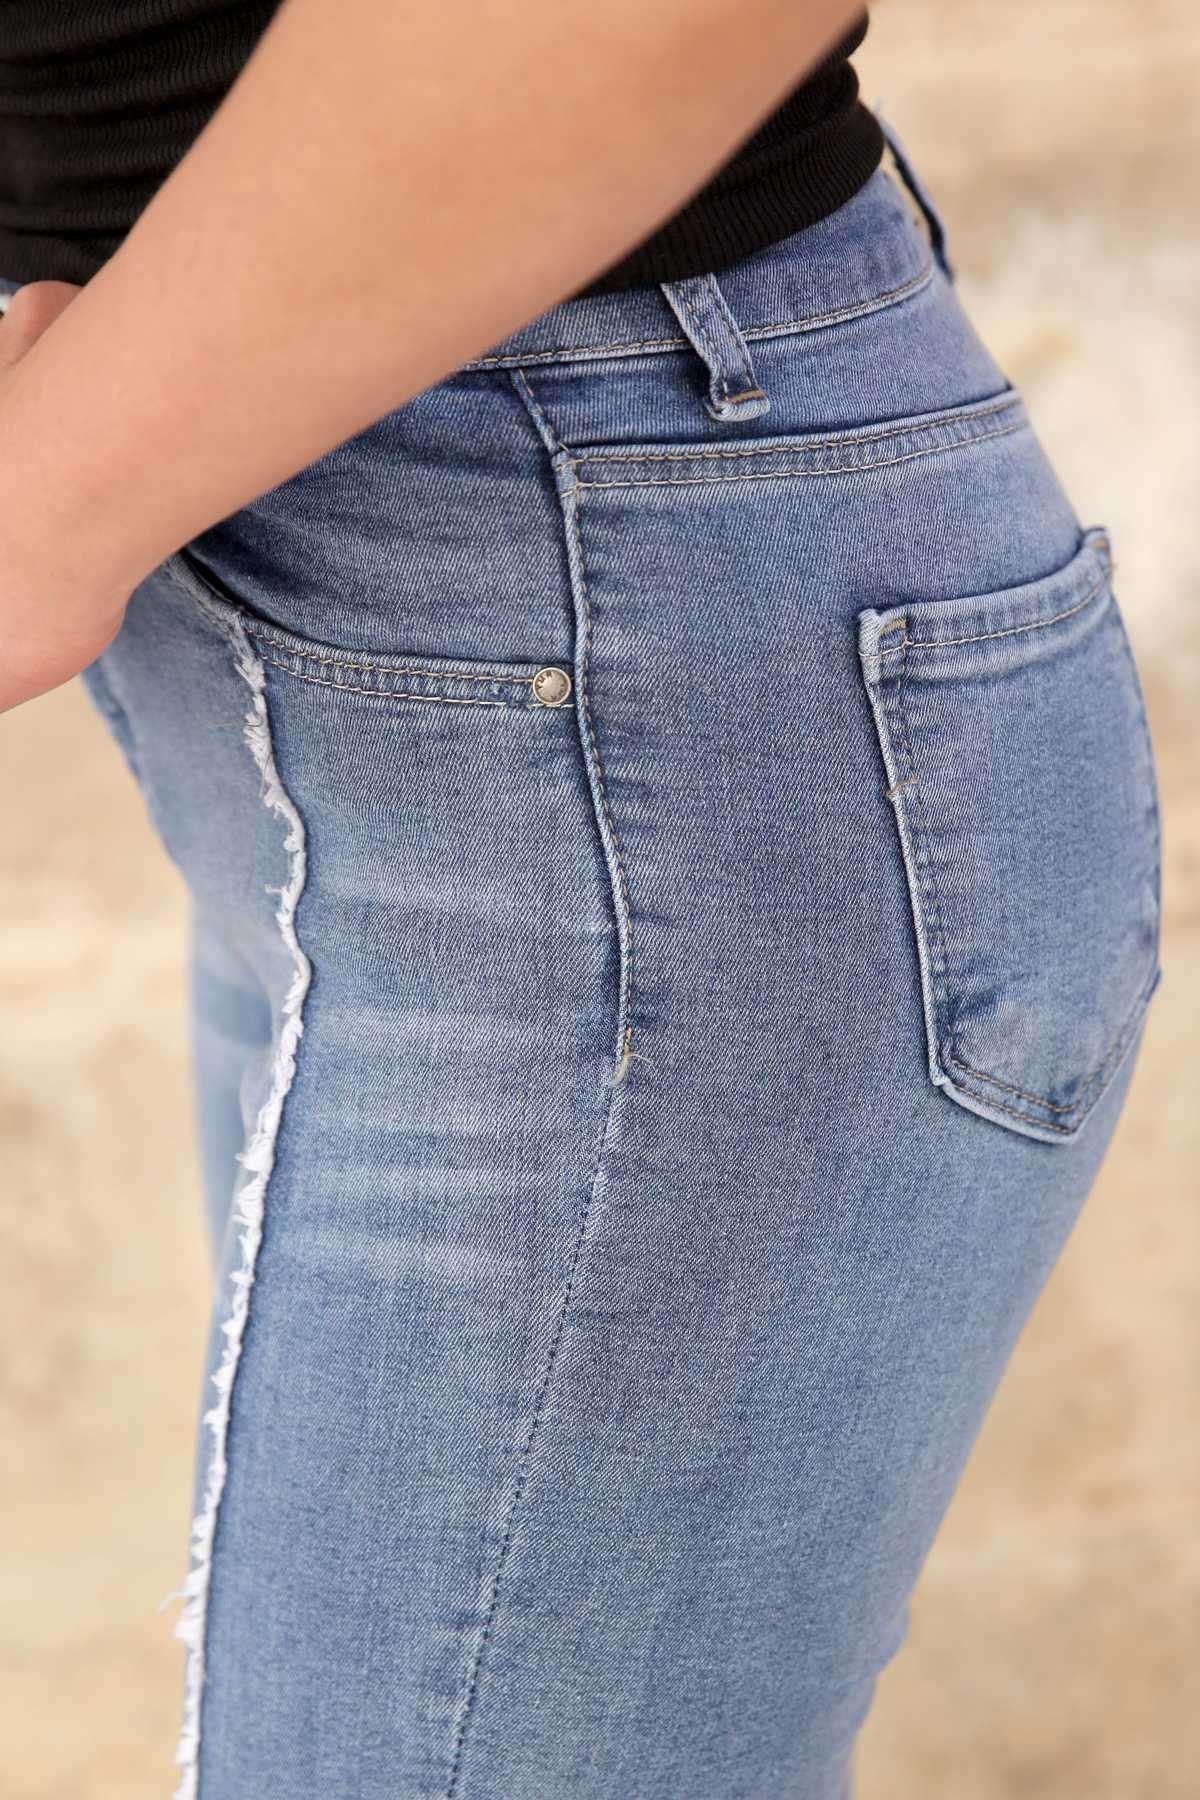 Önü Parçalı Paça Püsküllü Kesikli Kot Pantolon Mavi